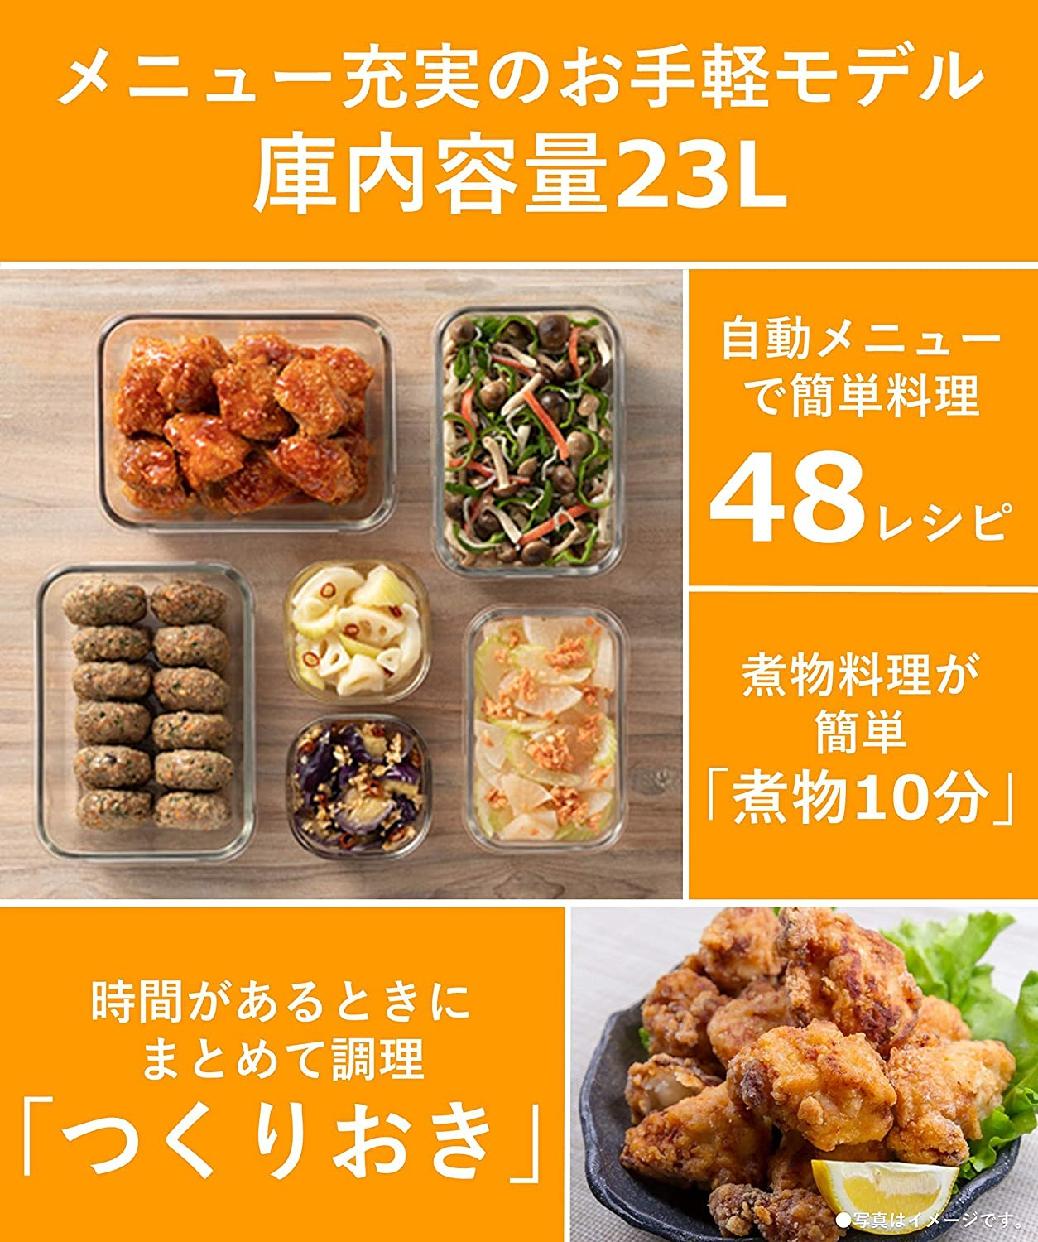 Panasonic(パナソニック)オーブンレンジ NE-MS236の商品画像2